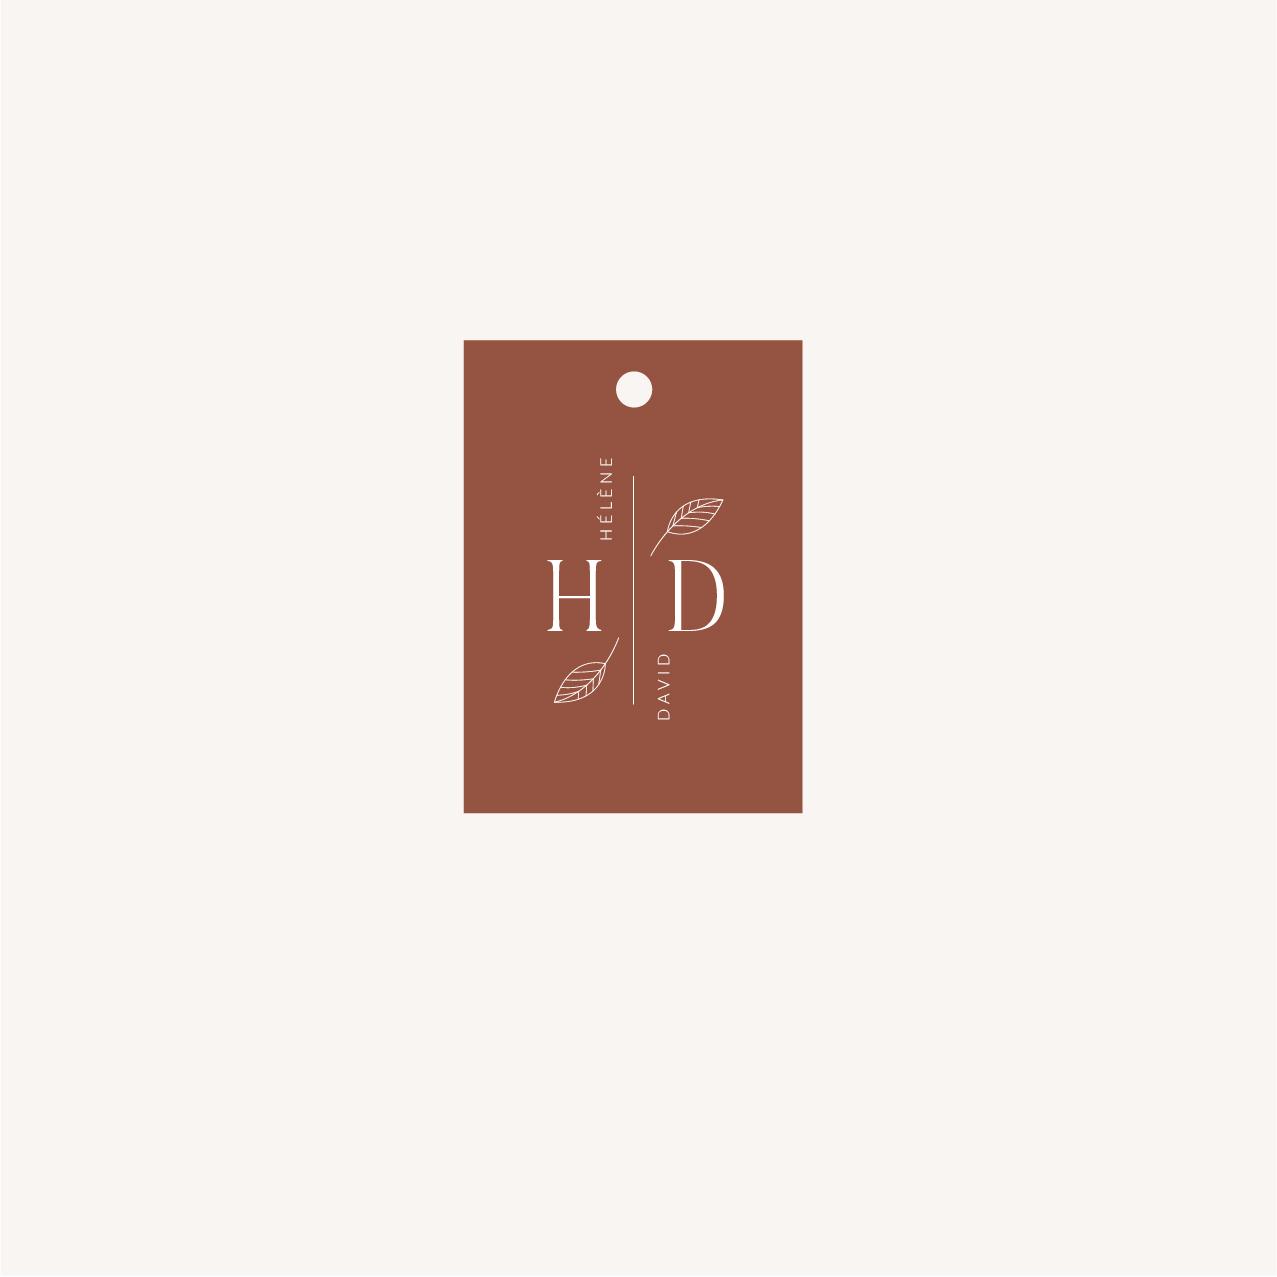 Étiquette mariage Terracotta brique blush